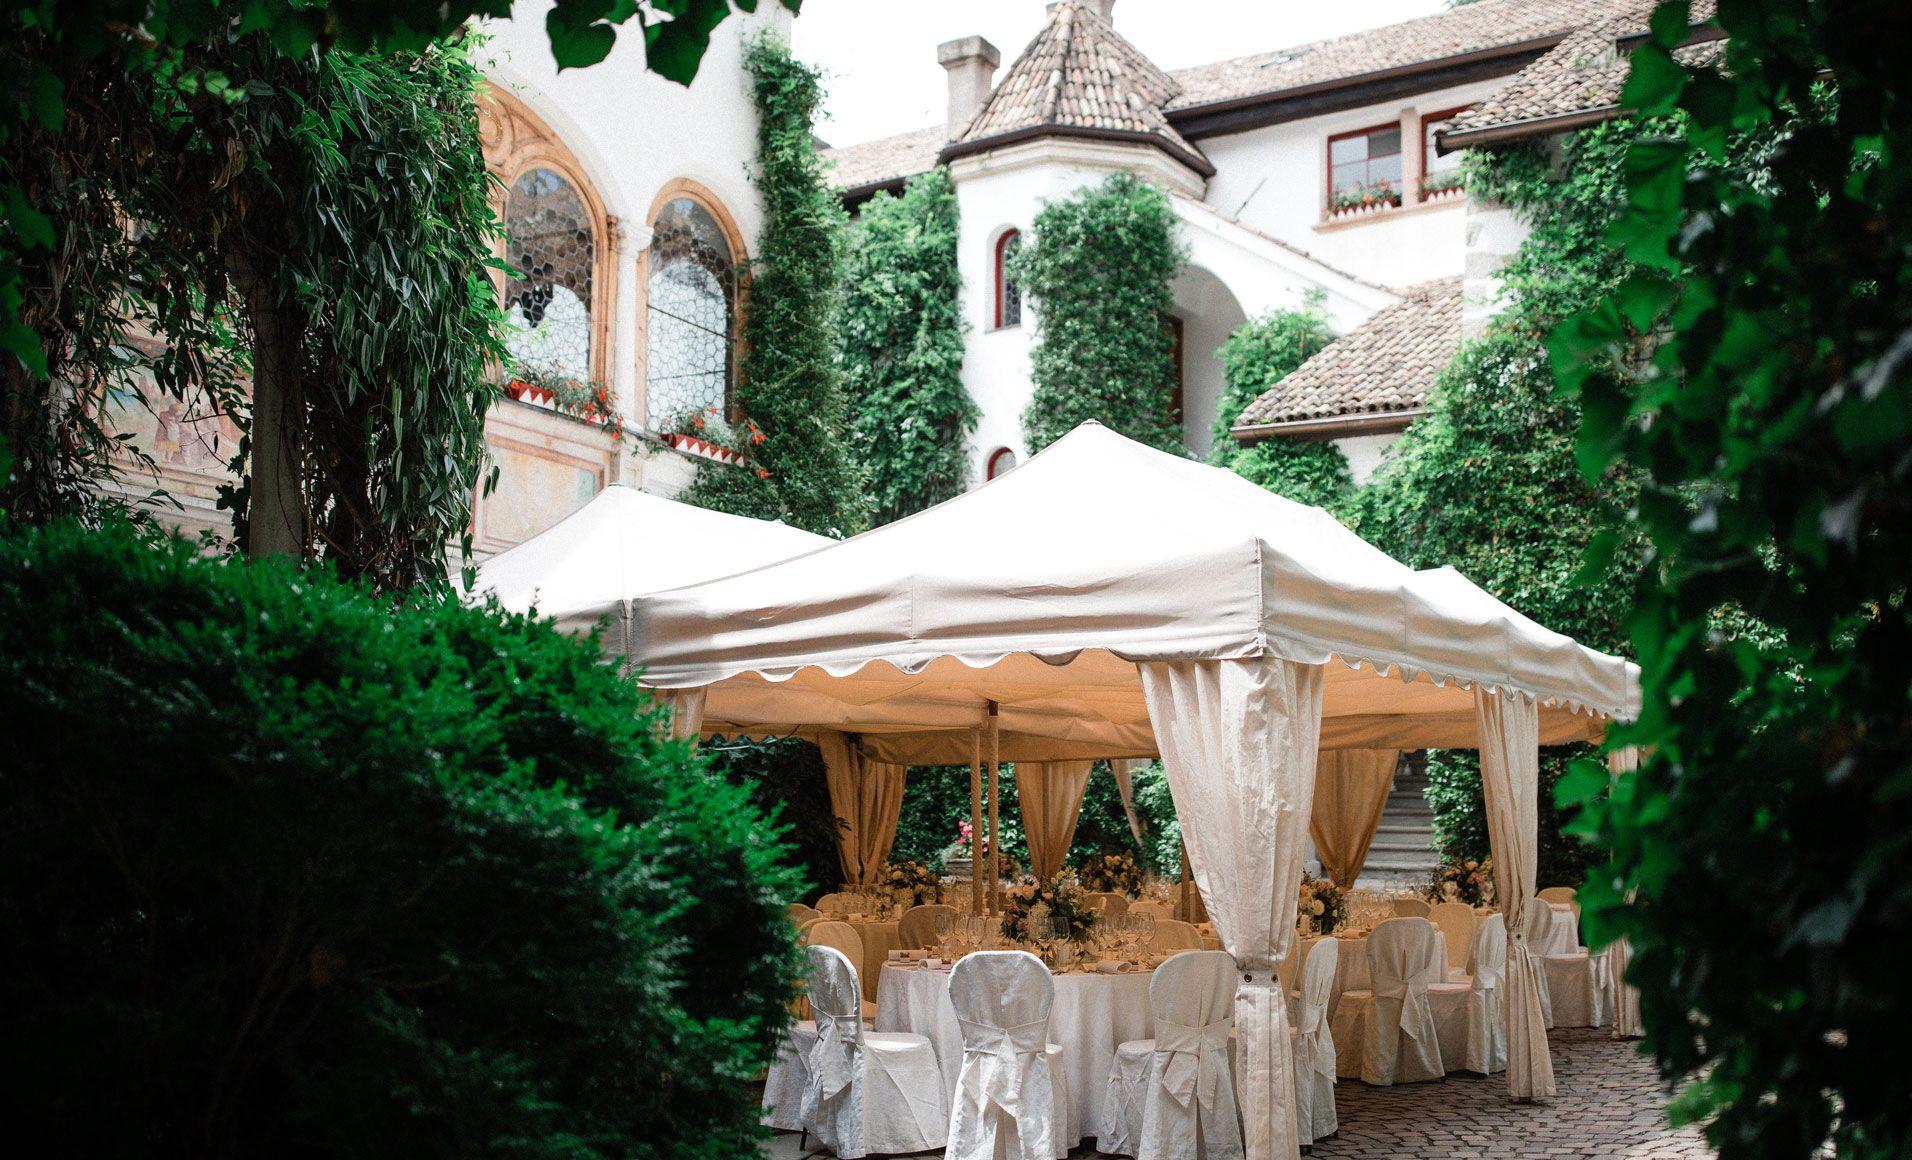 Castle Rubein Weddings By Wedding Designer Hannah Elia I Hochzeit In Schloss Rubein I Matrimonio In 2020 Sudtirol Italien Hochzeit Catering Bozen Sudtirol